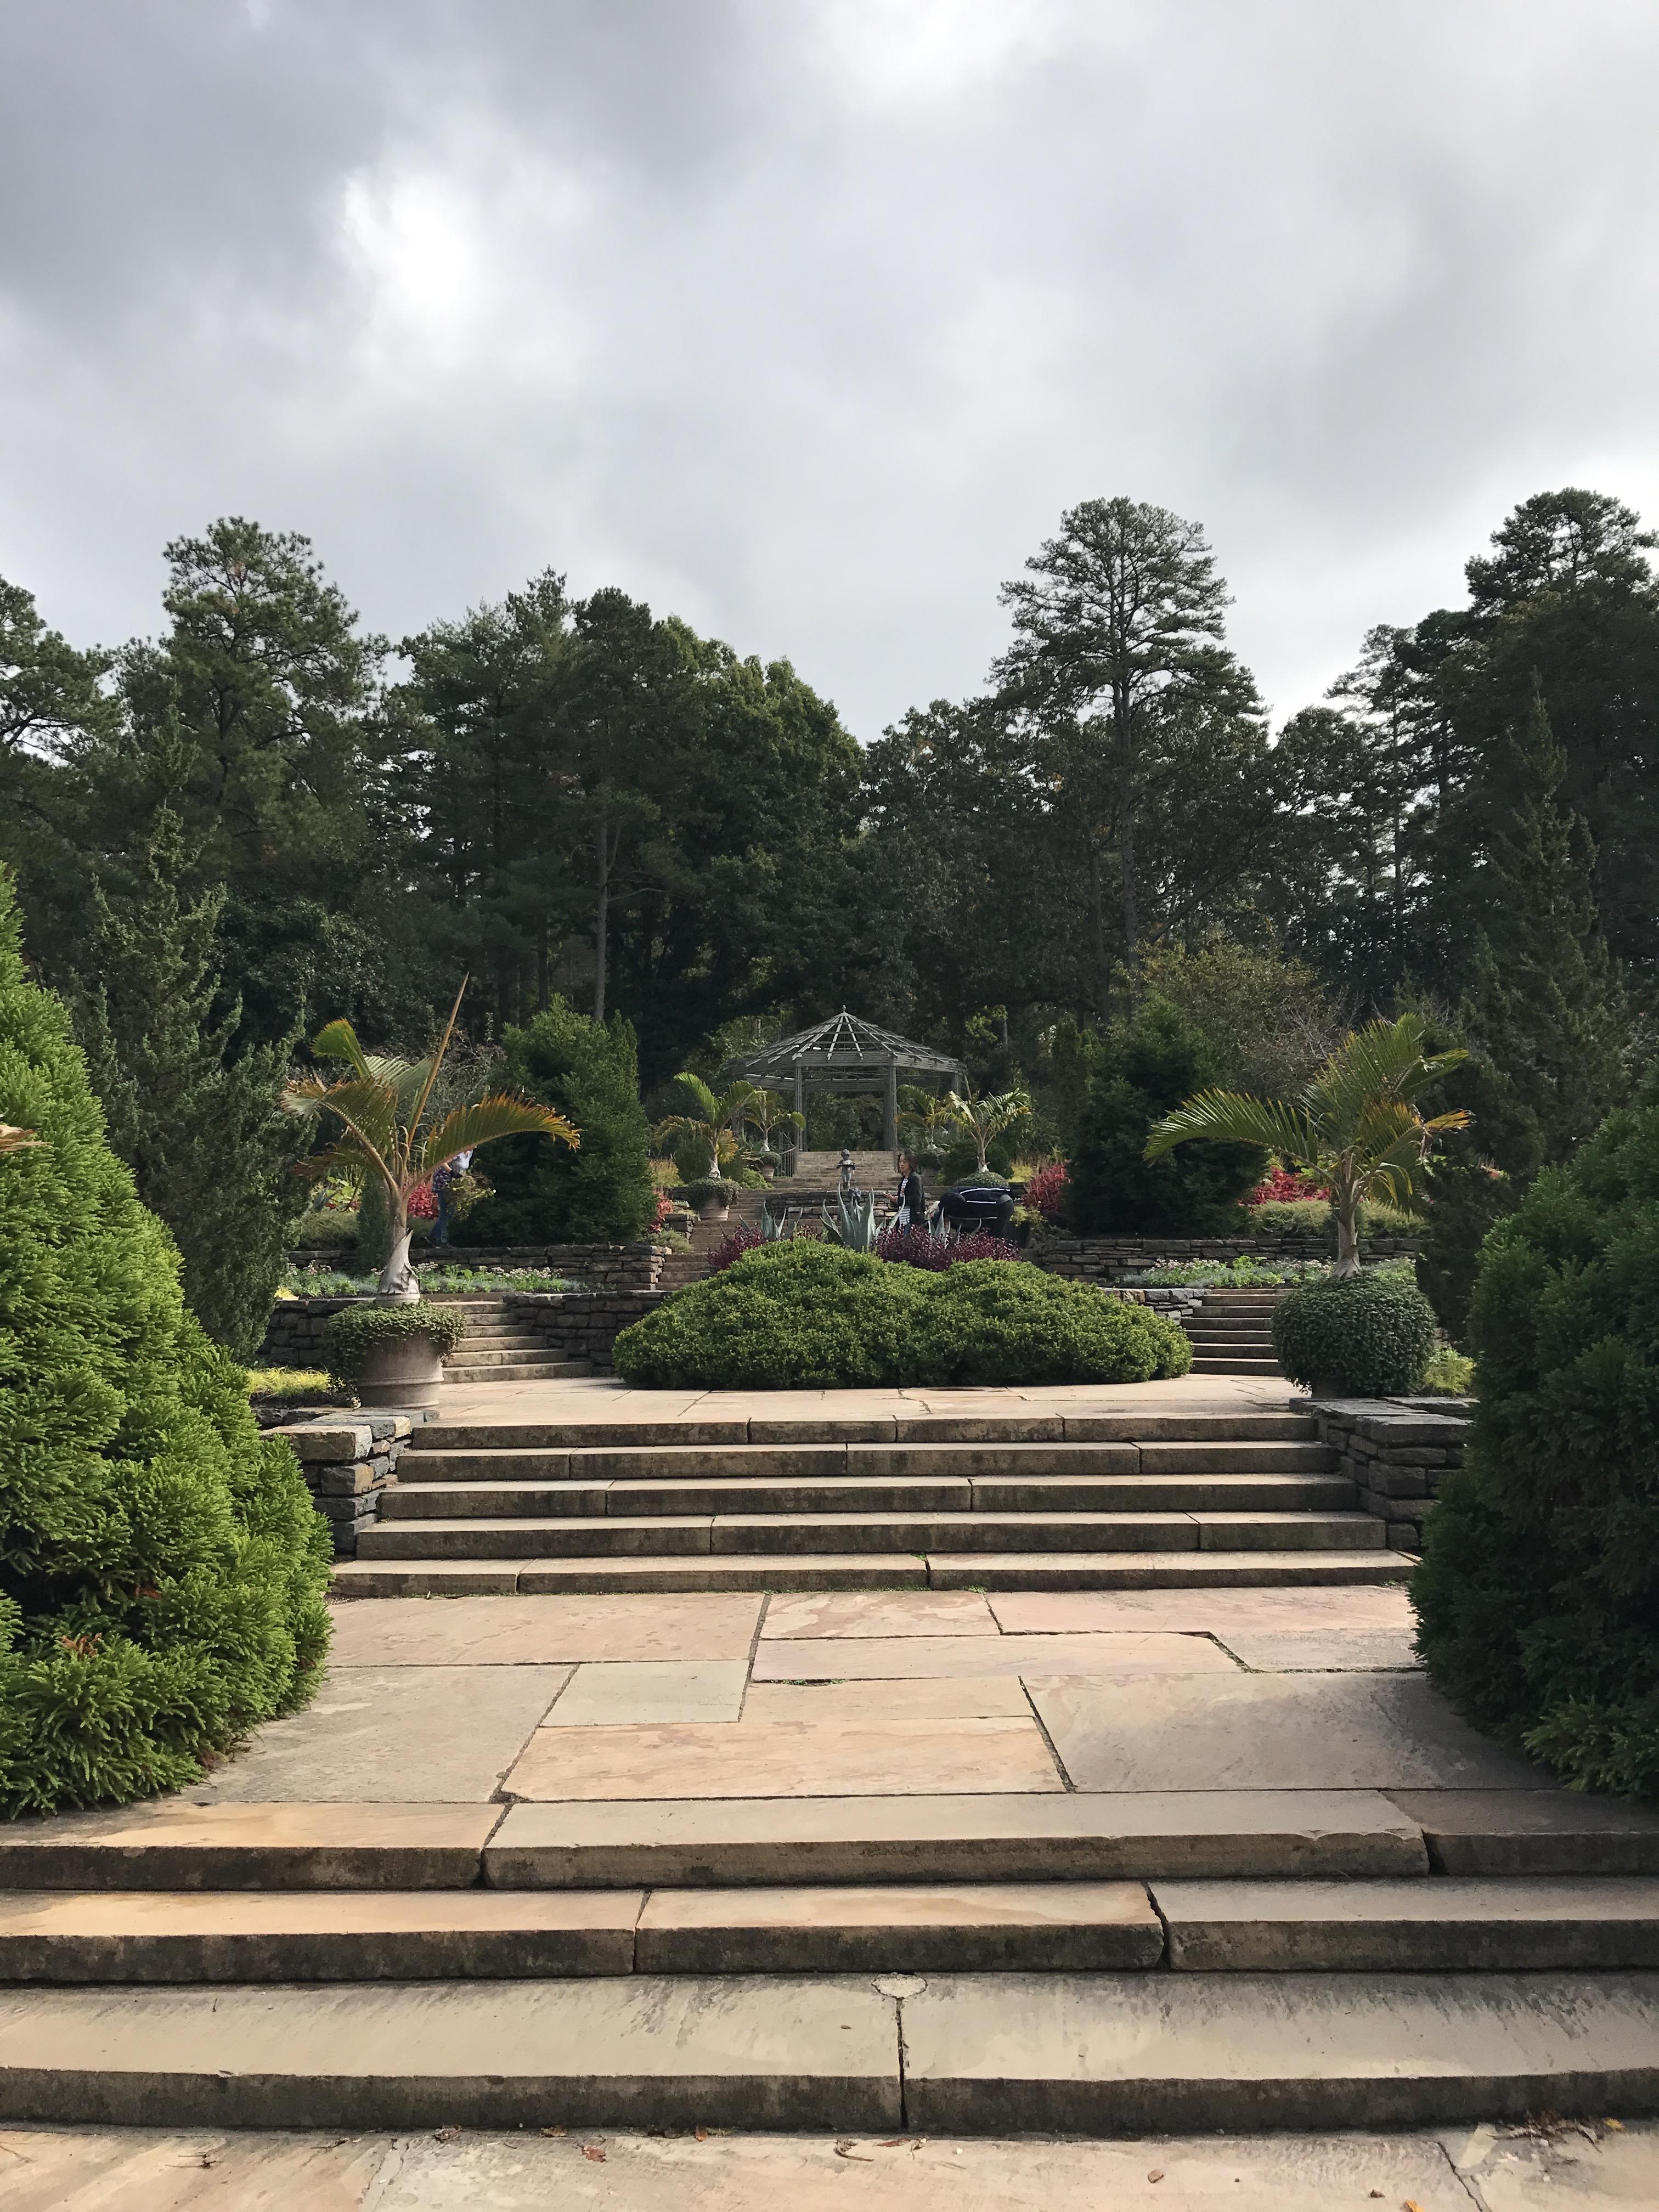 Sarah P Duke Gardens - 24 Hours In Durham, NC - Durham North Carolina Things To Do - Durham, NC Activities - Commnunikait by Kait Hanson